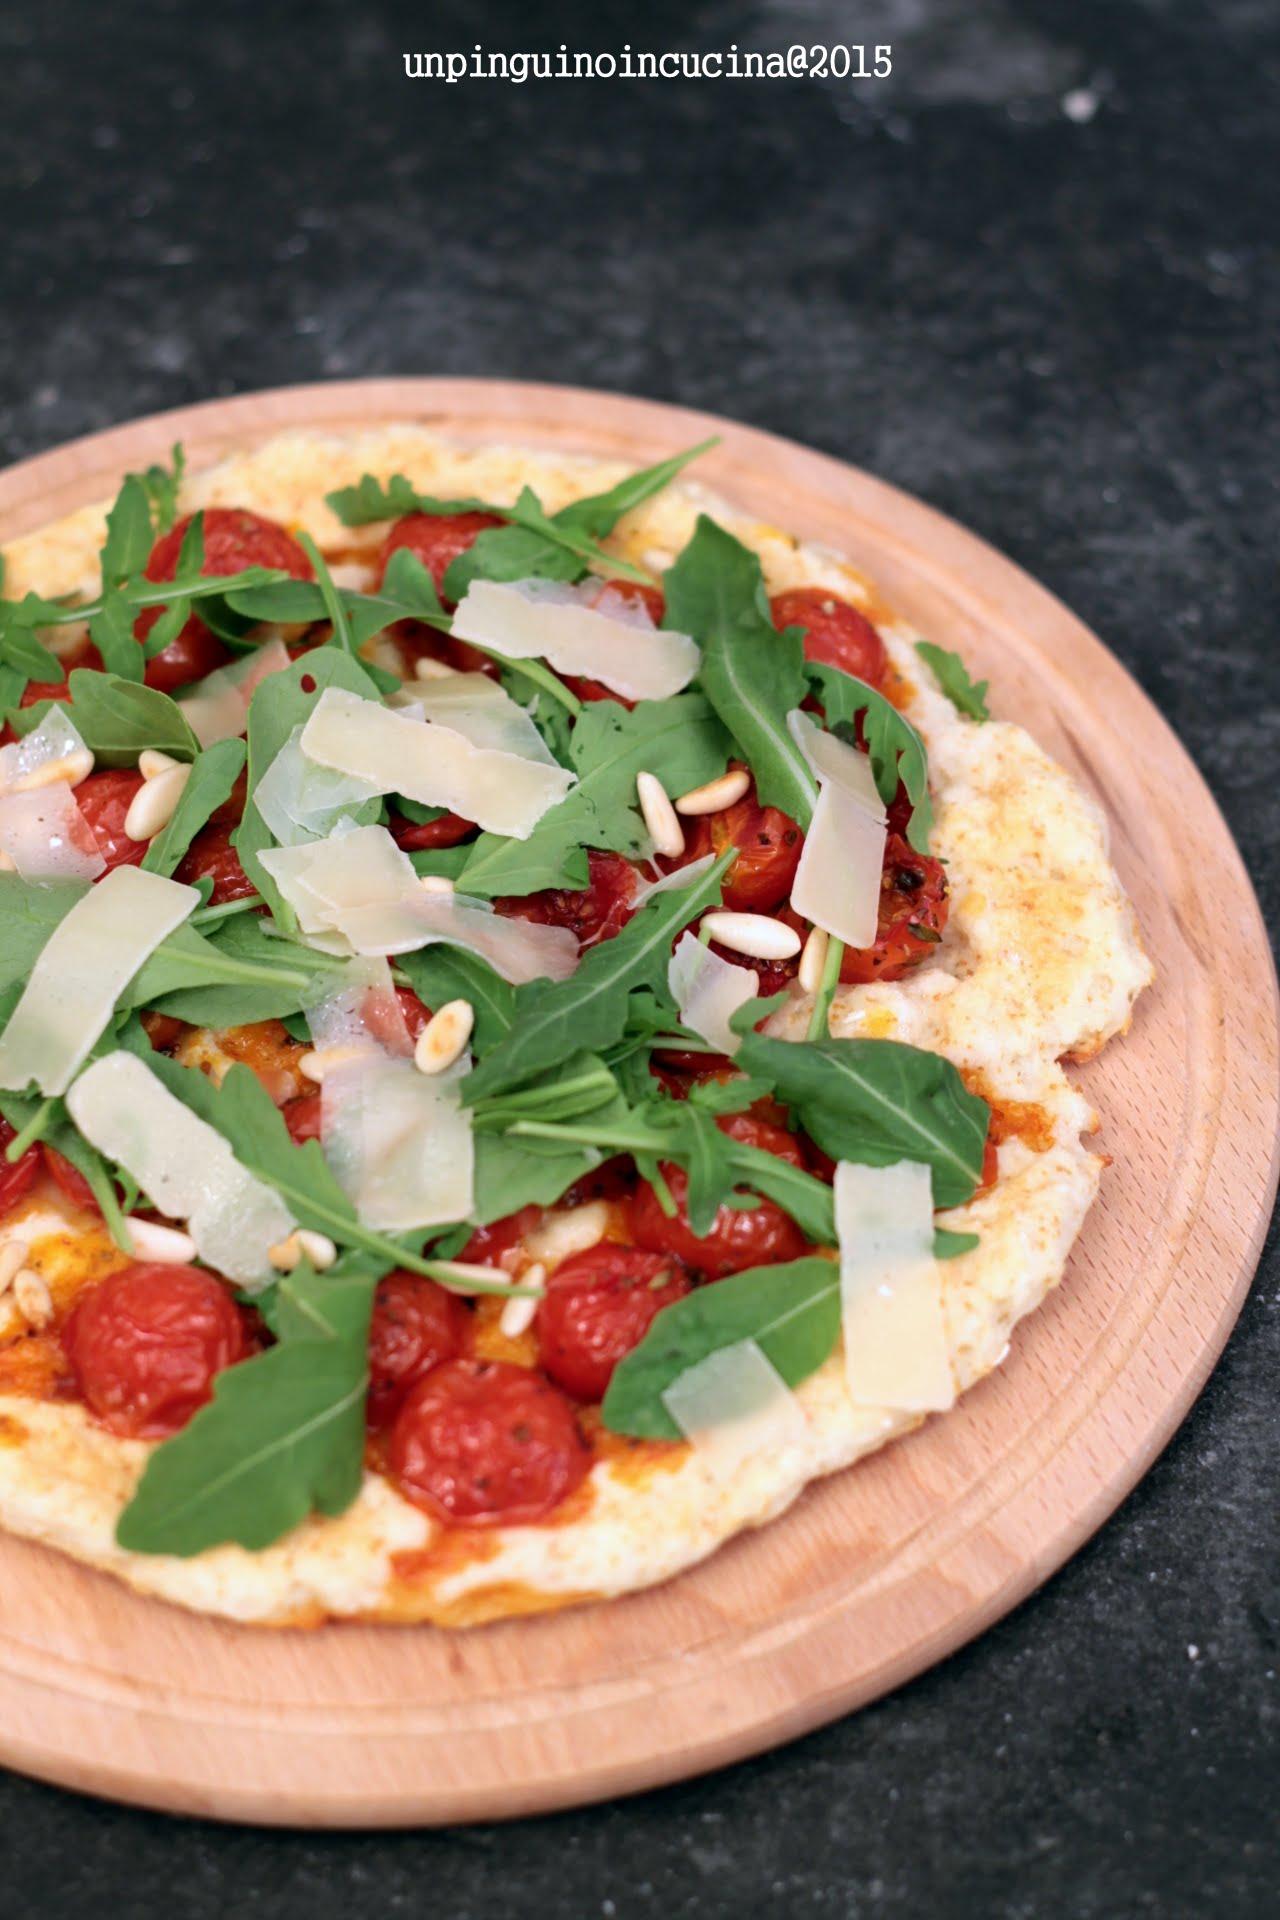 pizza-allo-yogurt-con-pomodorini-caramellati-rucola-pinoli-Parmigiano